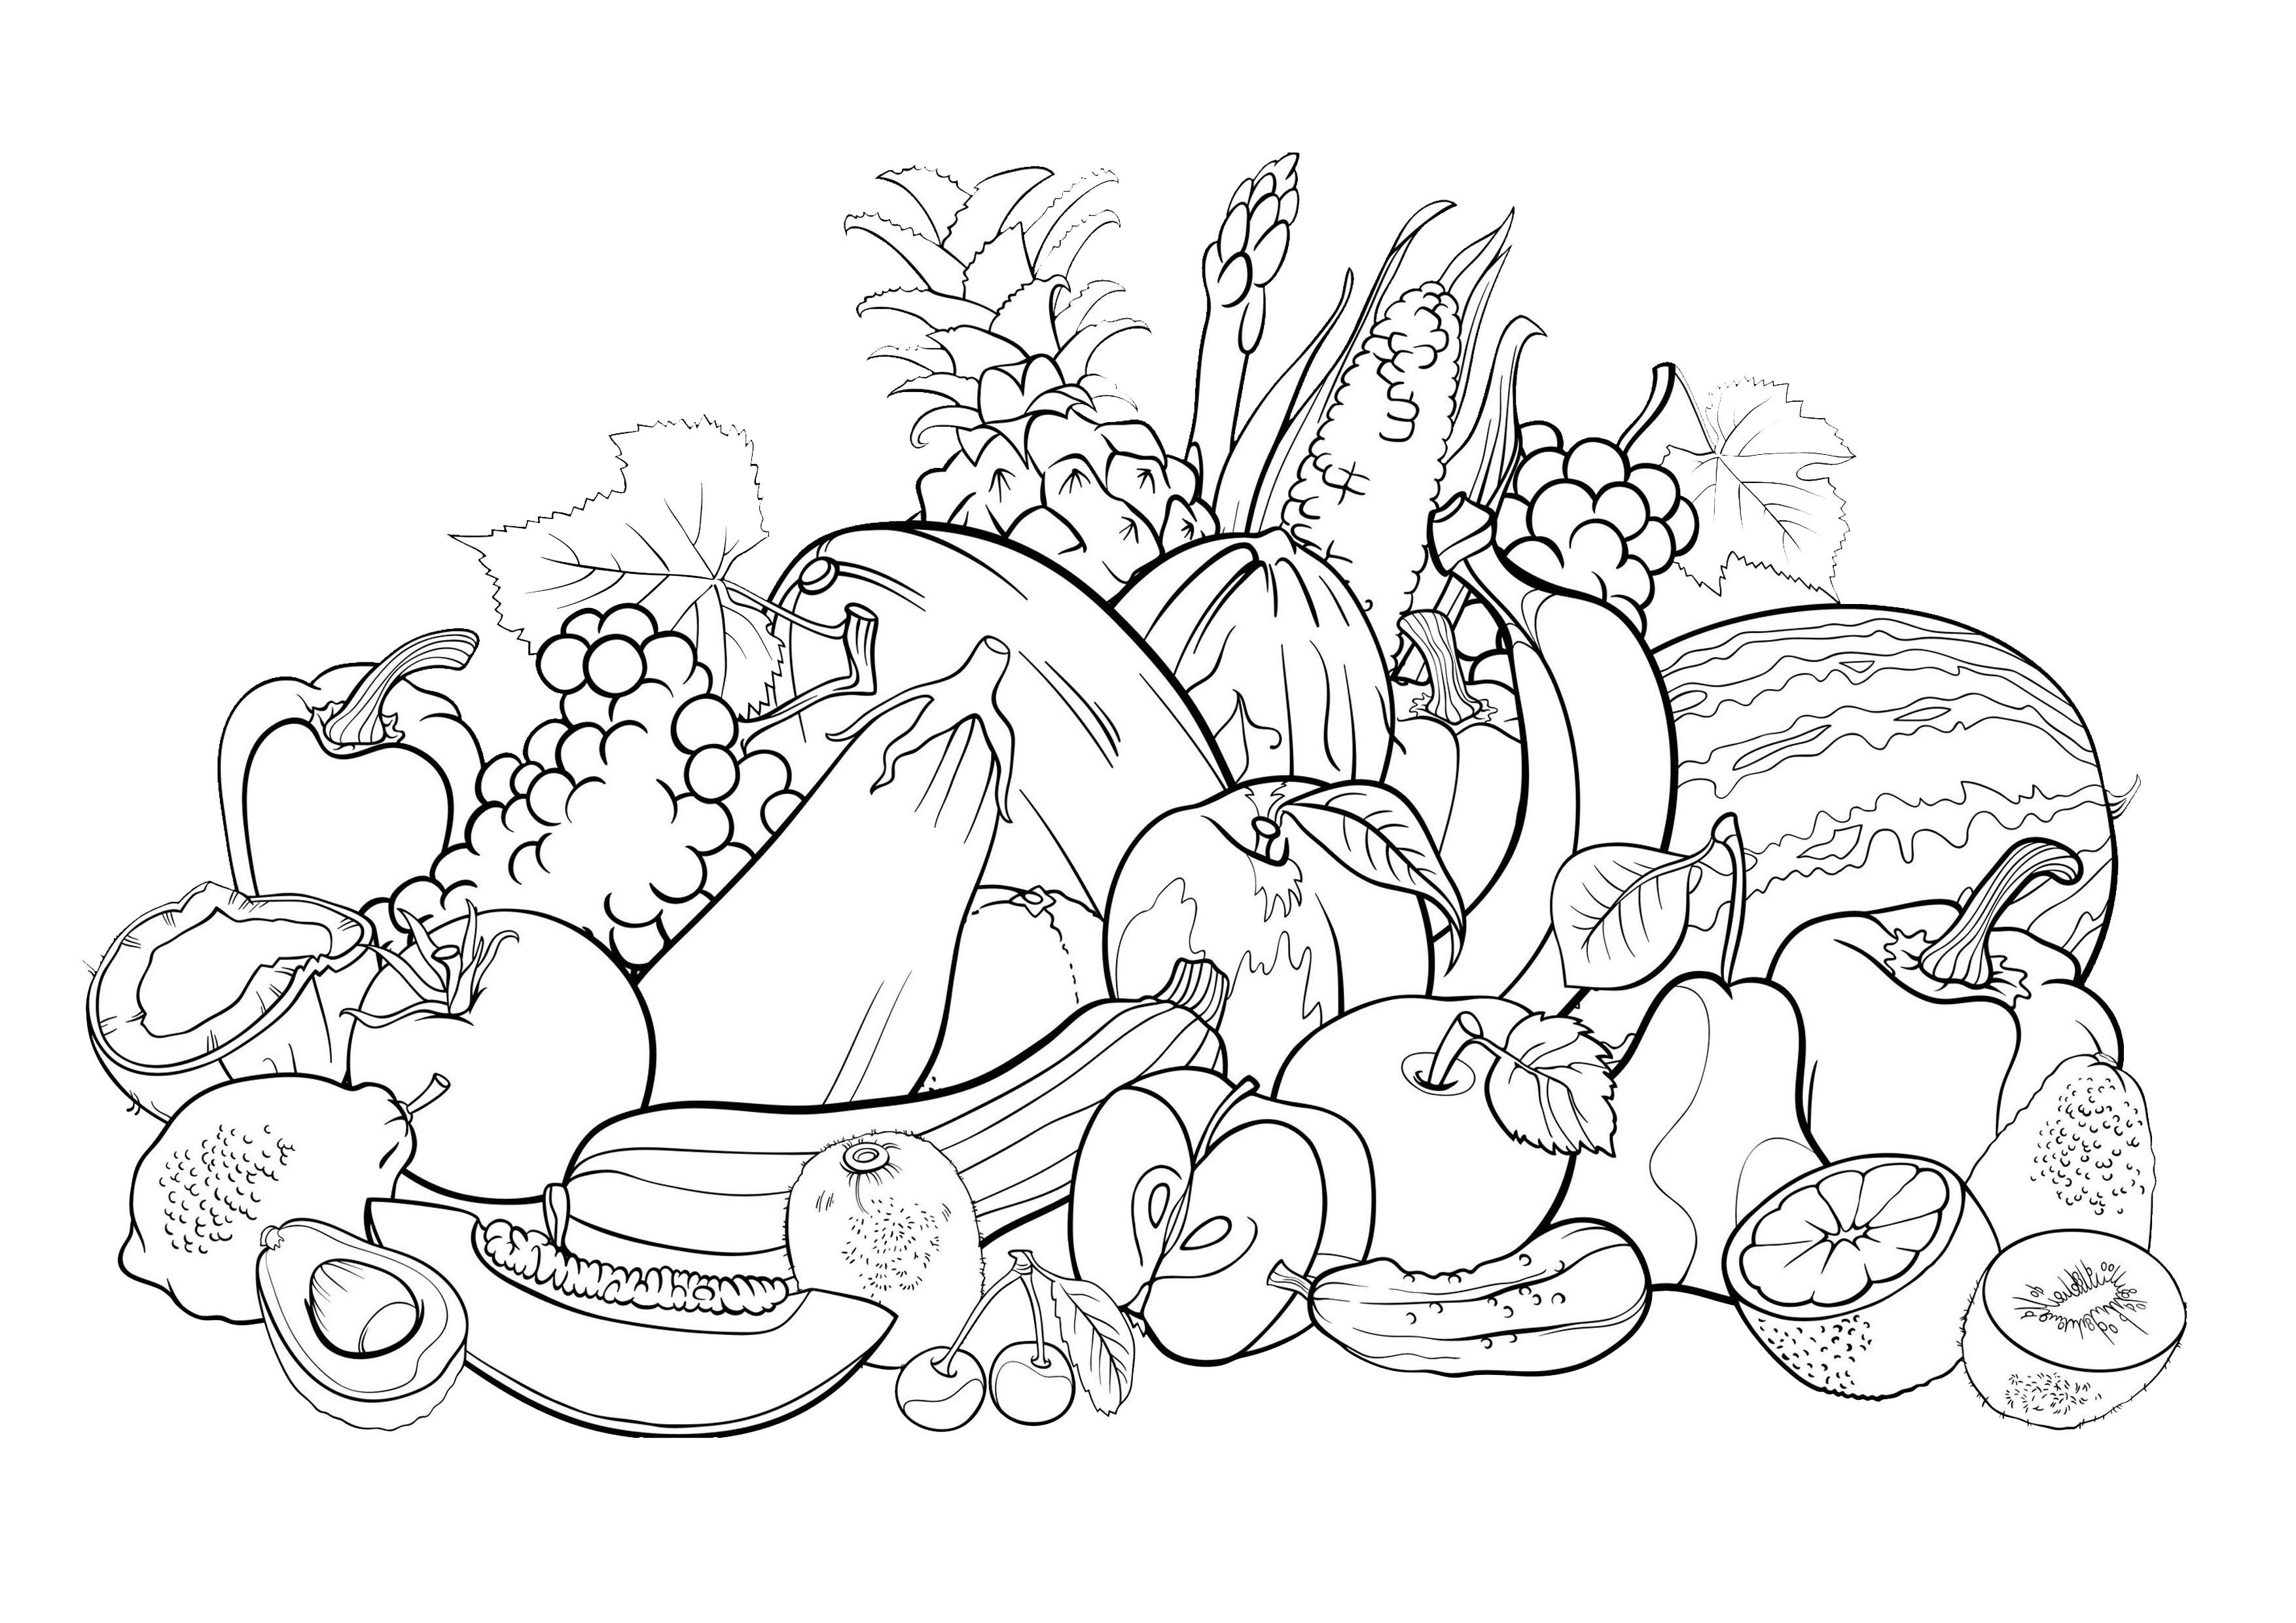 Colorear para adultos : Flores y vegetación - 61